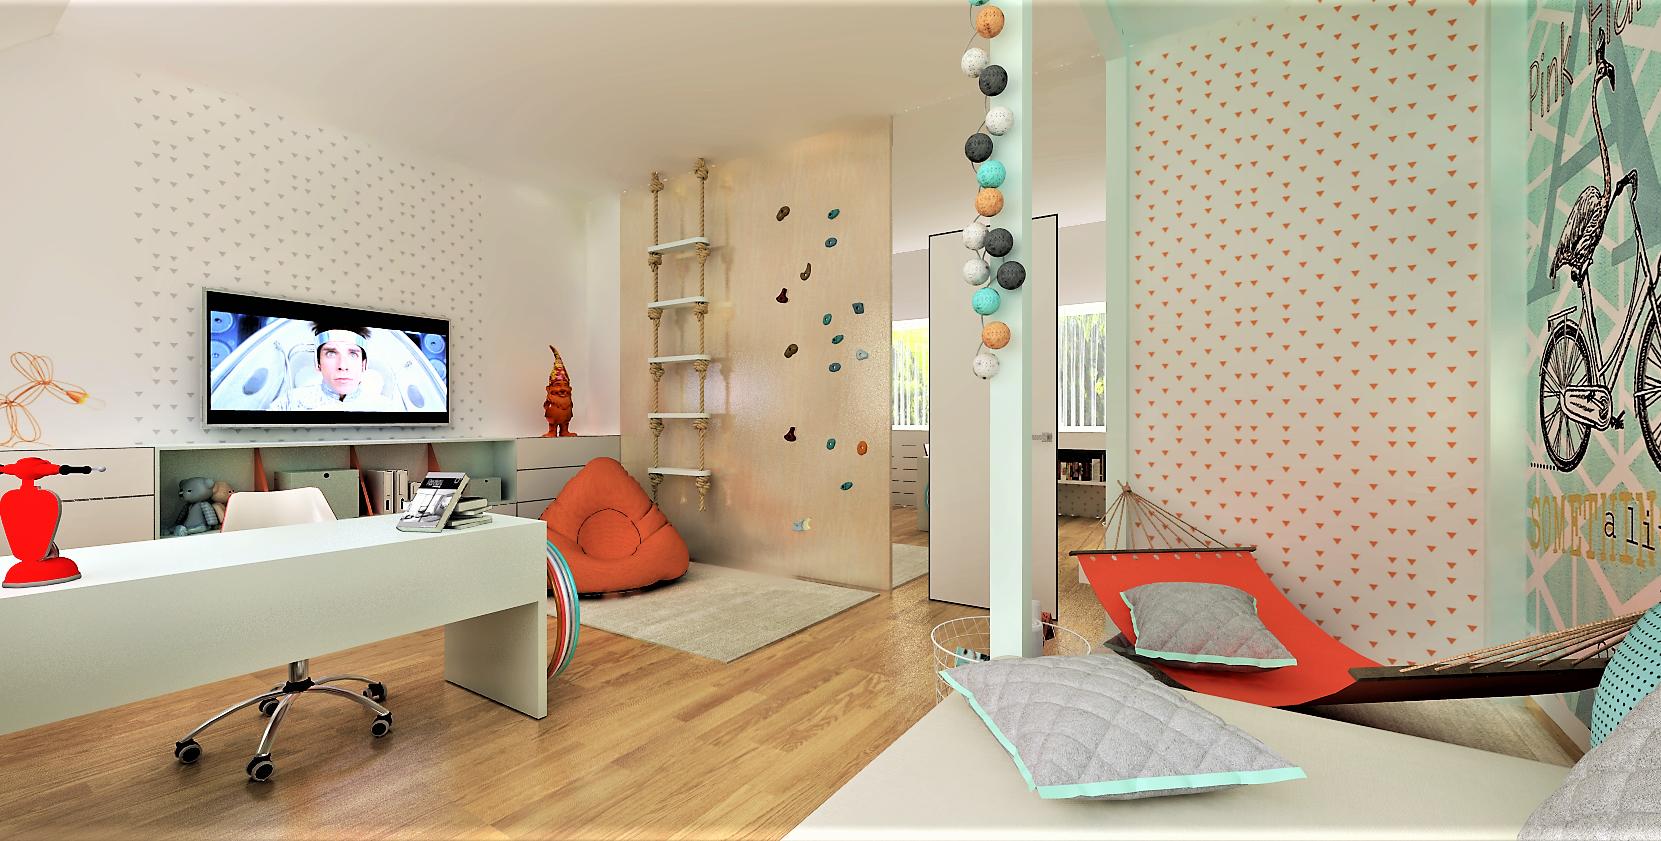 Dětský pokoj je určen pro velmi aktivní školačku. Místnost poskytuje dostatek místa na různé herní a sportovní prvky a díky samostatné šatně není zapotřebí…